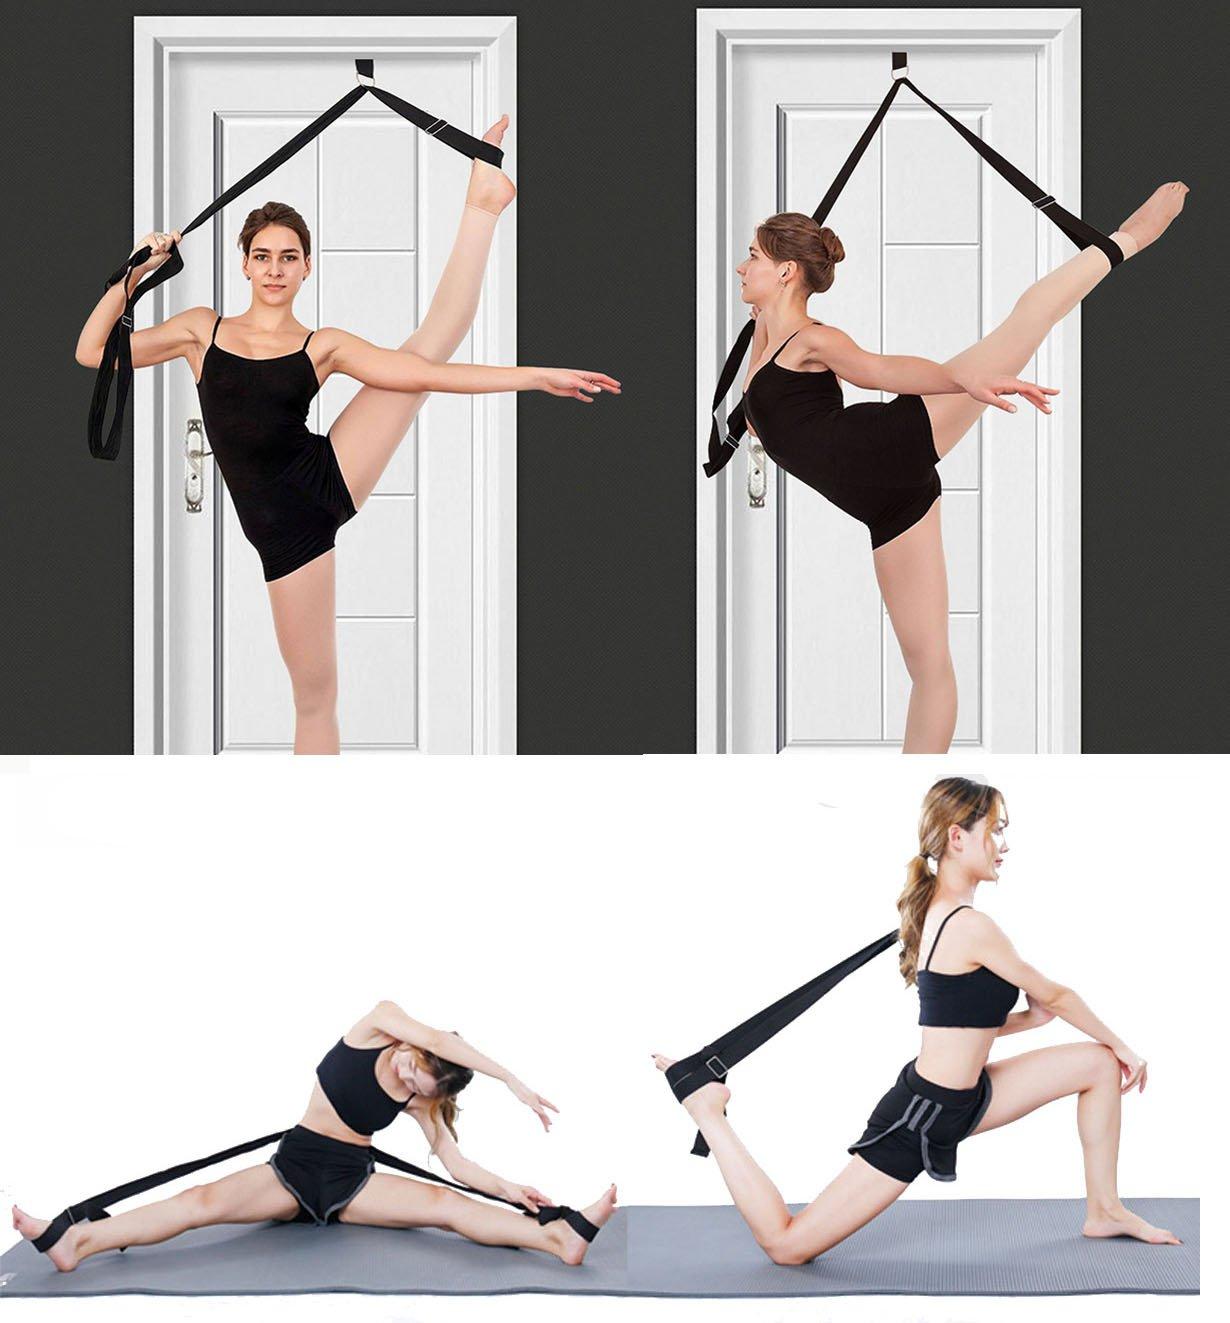 Soga para estiramiento de piernas, obtén más flexibilidad con esta soga de entrenamiento. Equipo de estiramiento premium para ballet, danza, gimnasia, taekwondo y artes marciales mixtas.¡Tu propia máquina de estiramiento portátil! - INPAY, azul, 1 seaNpem